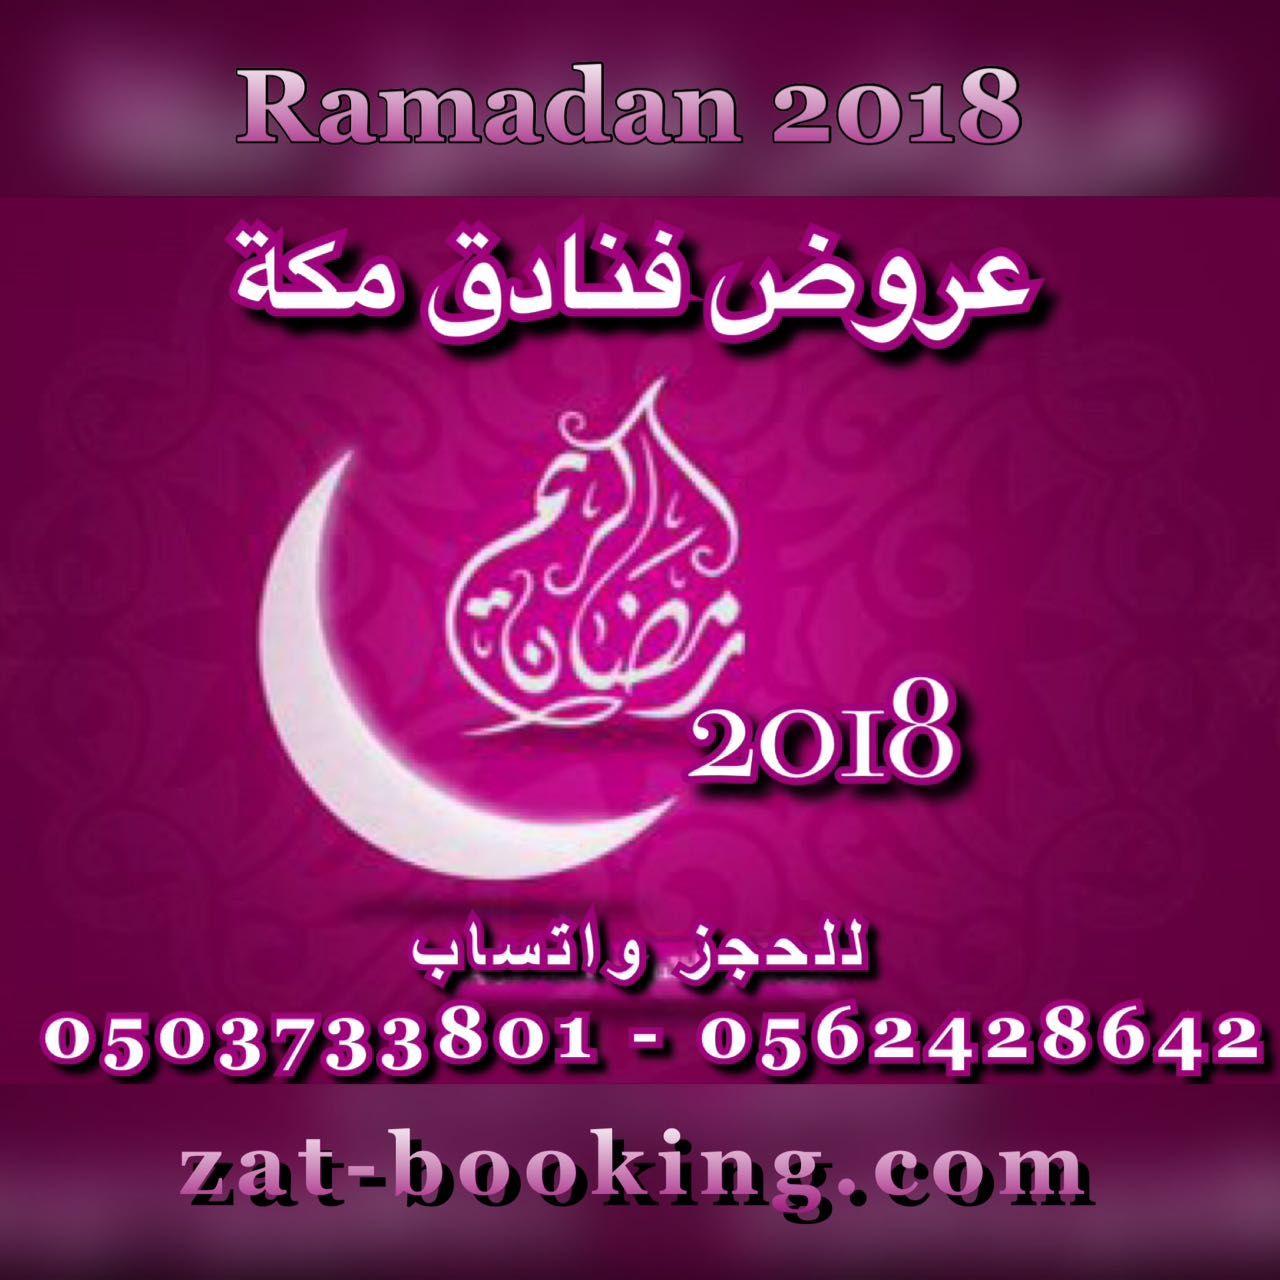 عروض فنادق مكة في شهر رمضان والعشر الاواخر 2018 اسعار فنادق مكة القريبه من الحرم في شهر رمضان 1439 Ramadan Movie Posters Poster